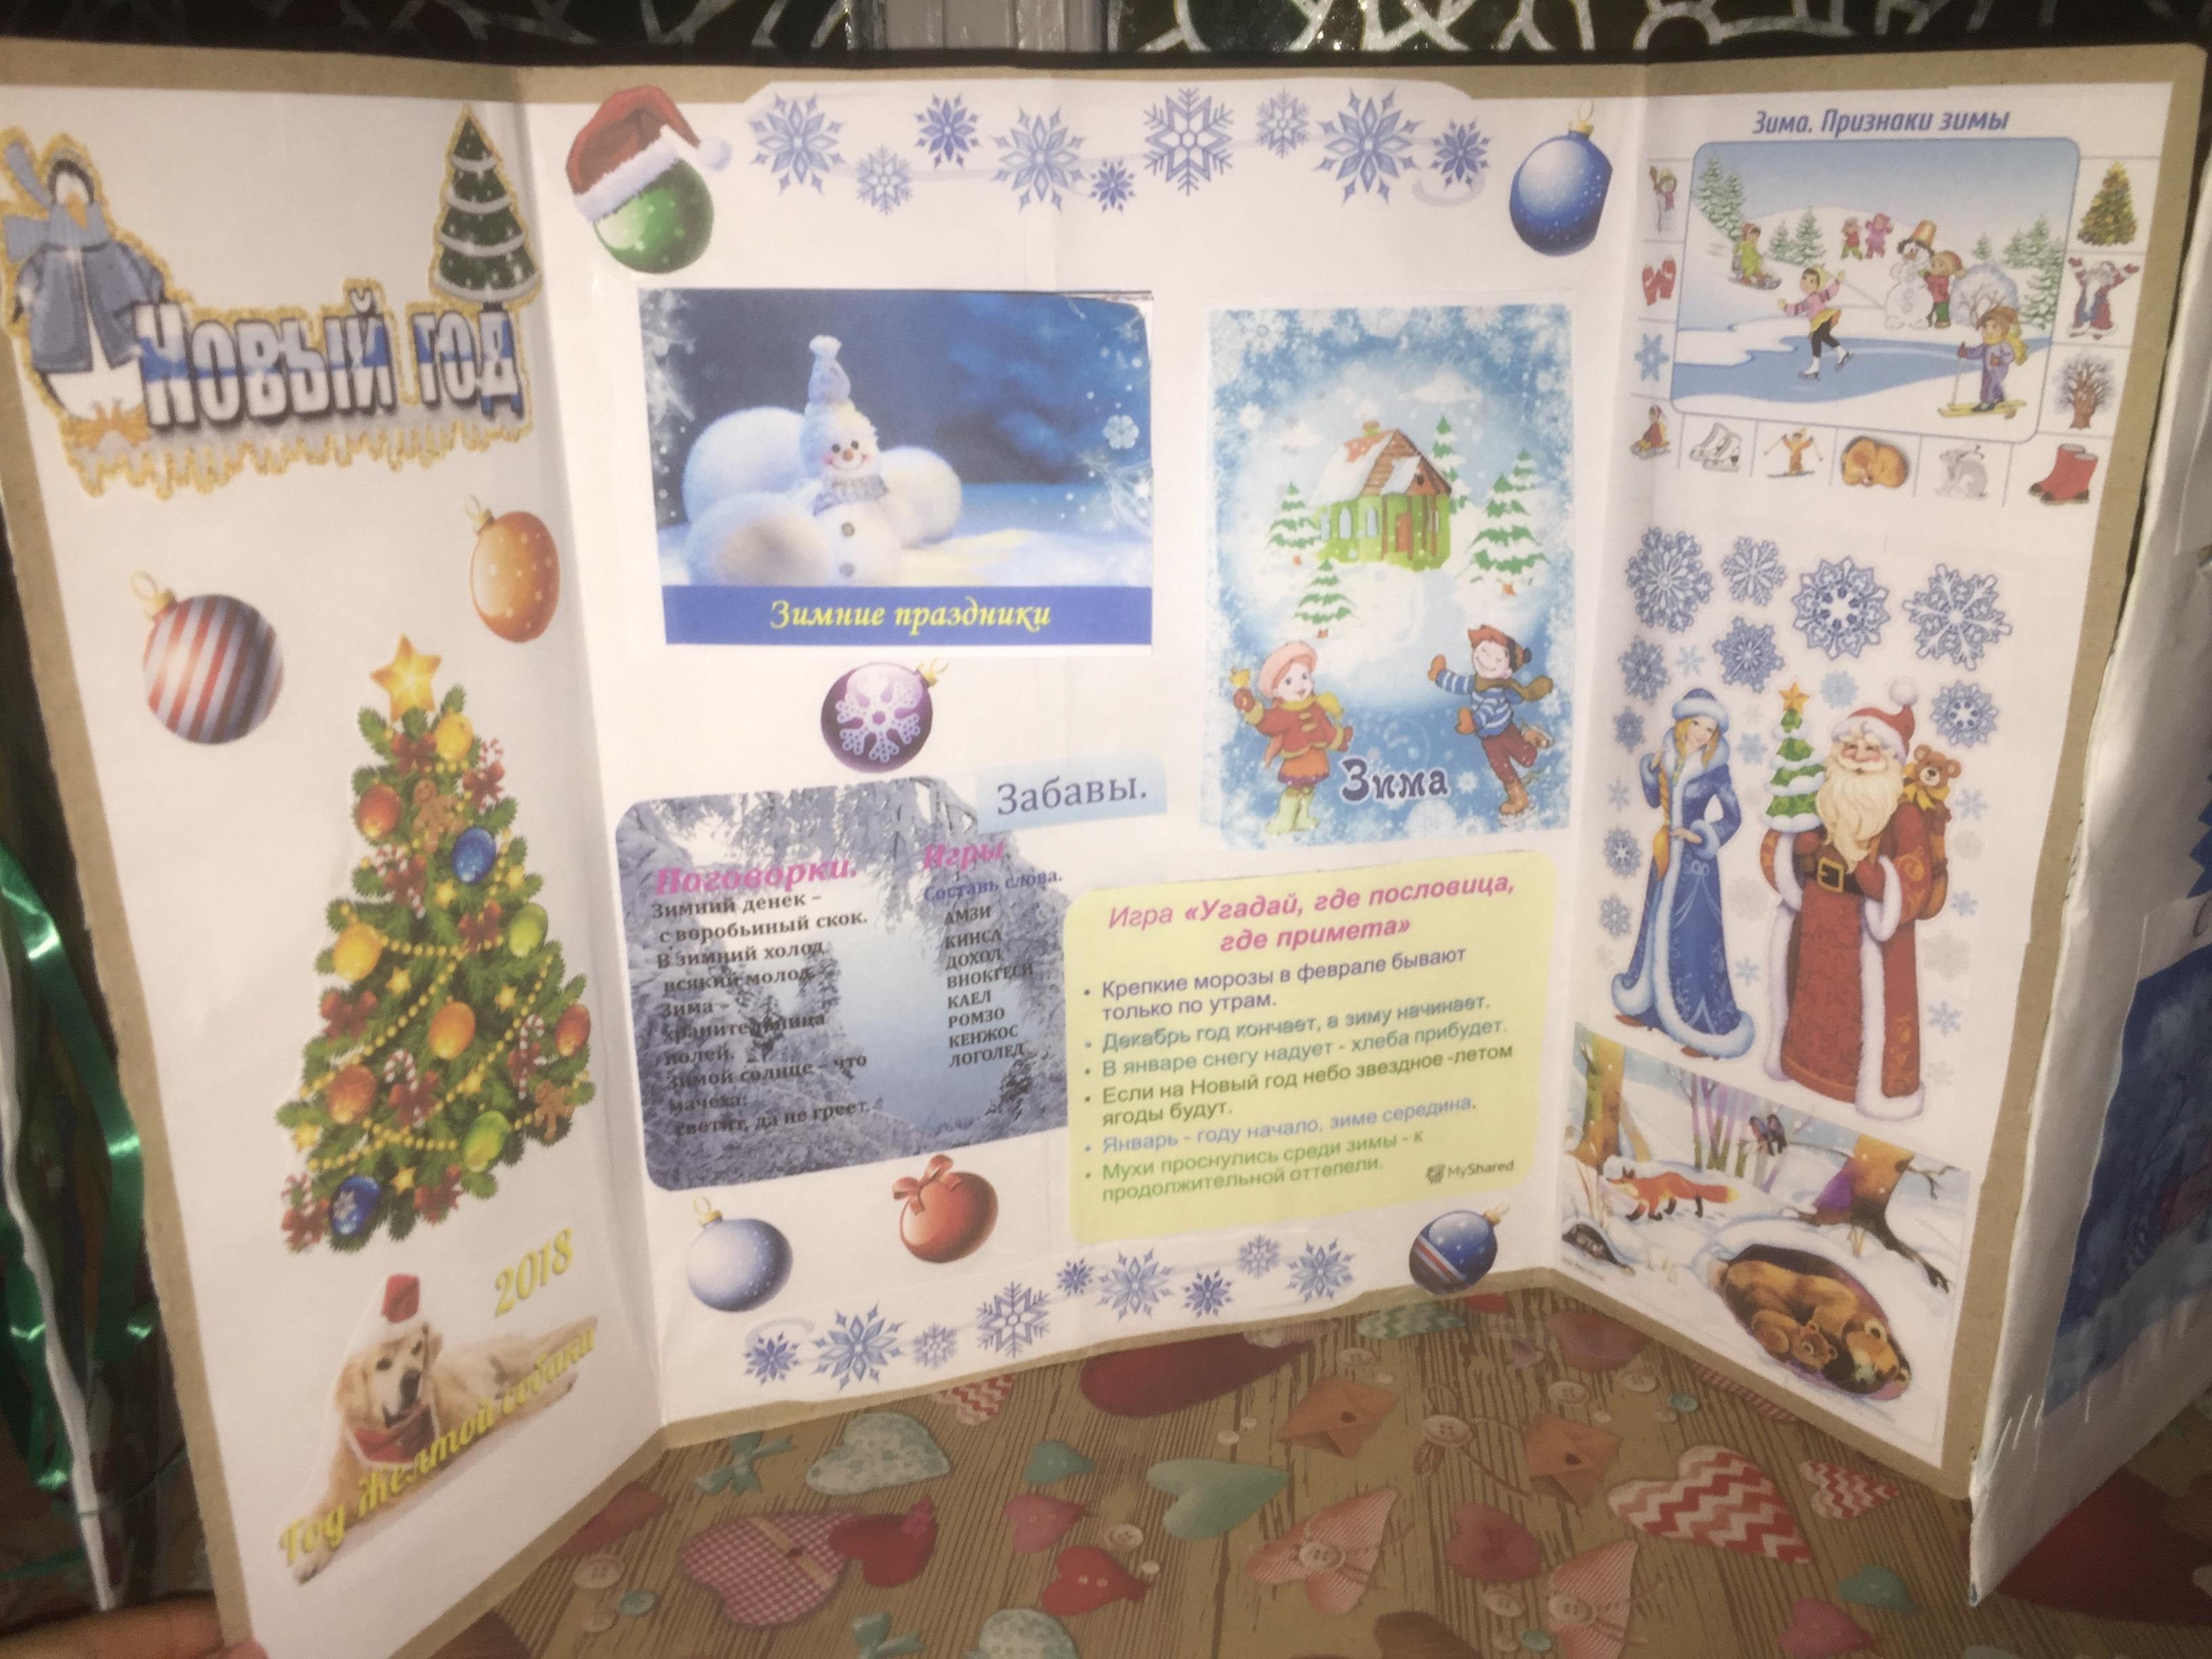 Плакат для дошкольников в детский сад - Осень. Признаки осени ... | 2448x3264